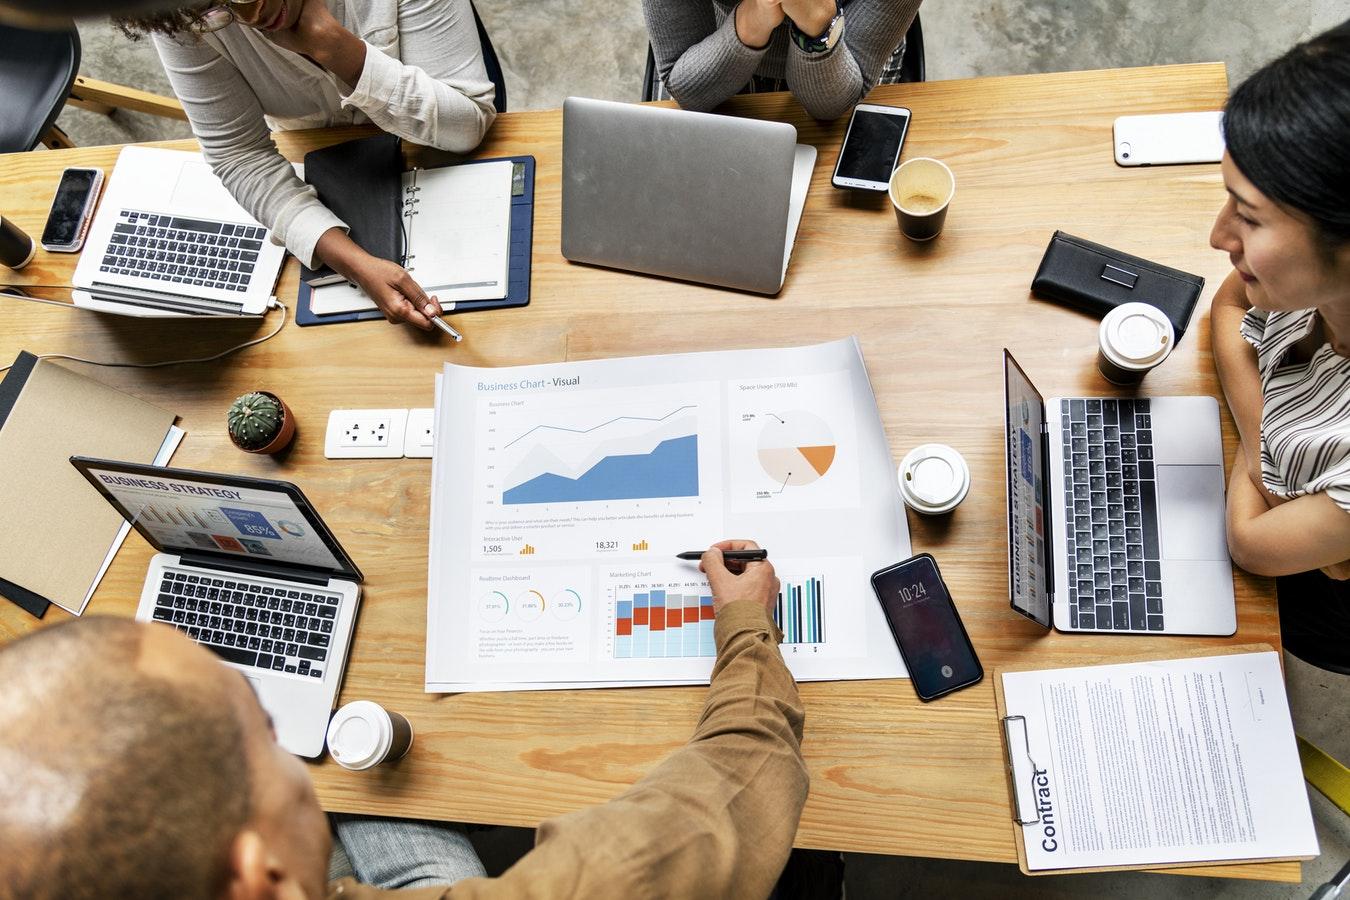 Transformação Digital - Melhorar os processos dentro da empresa